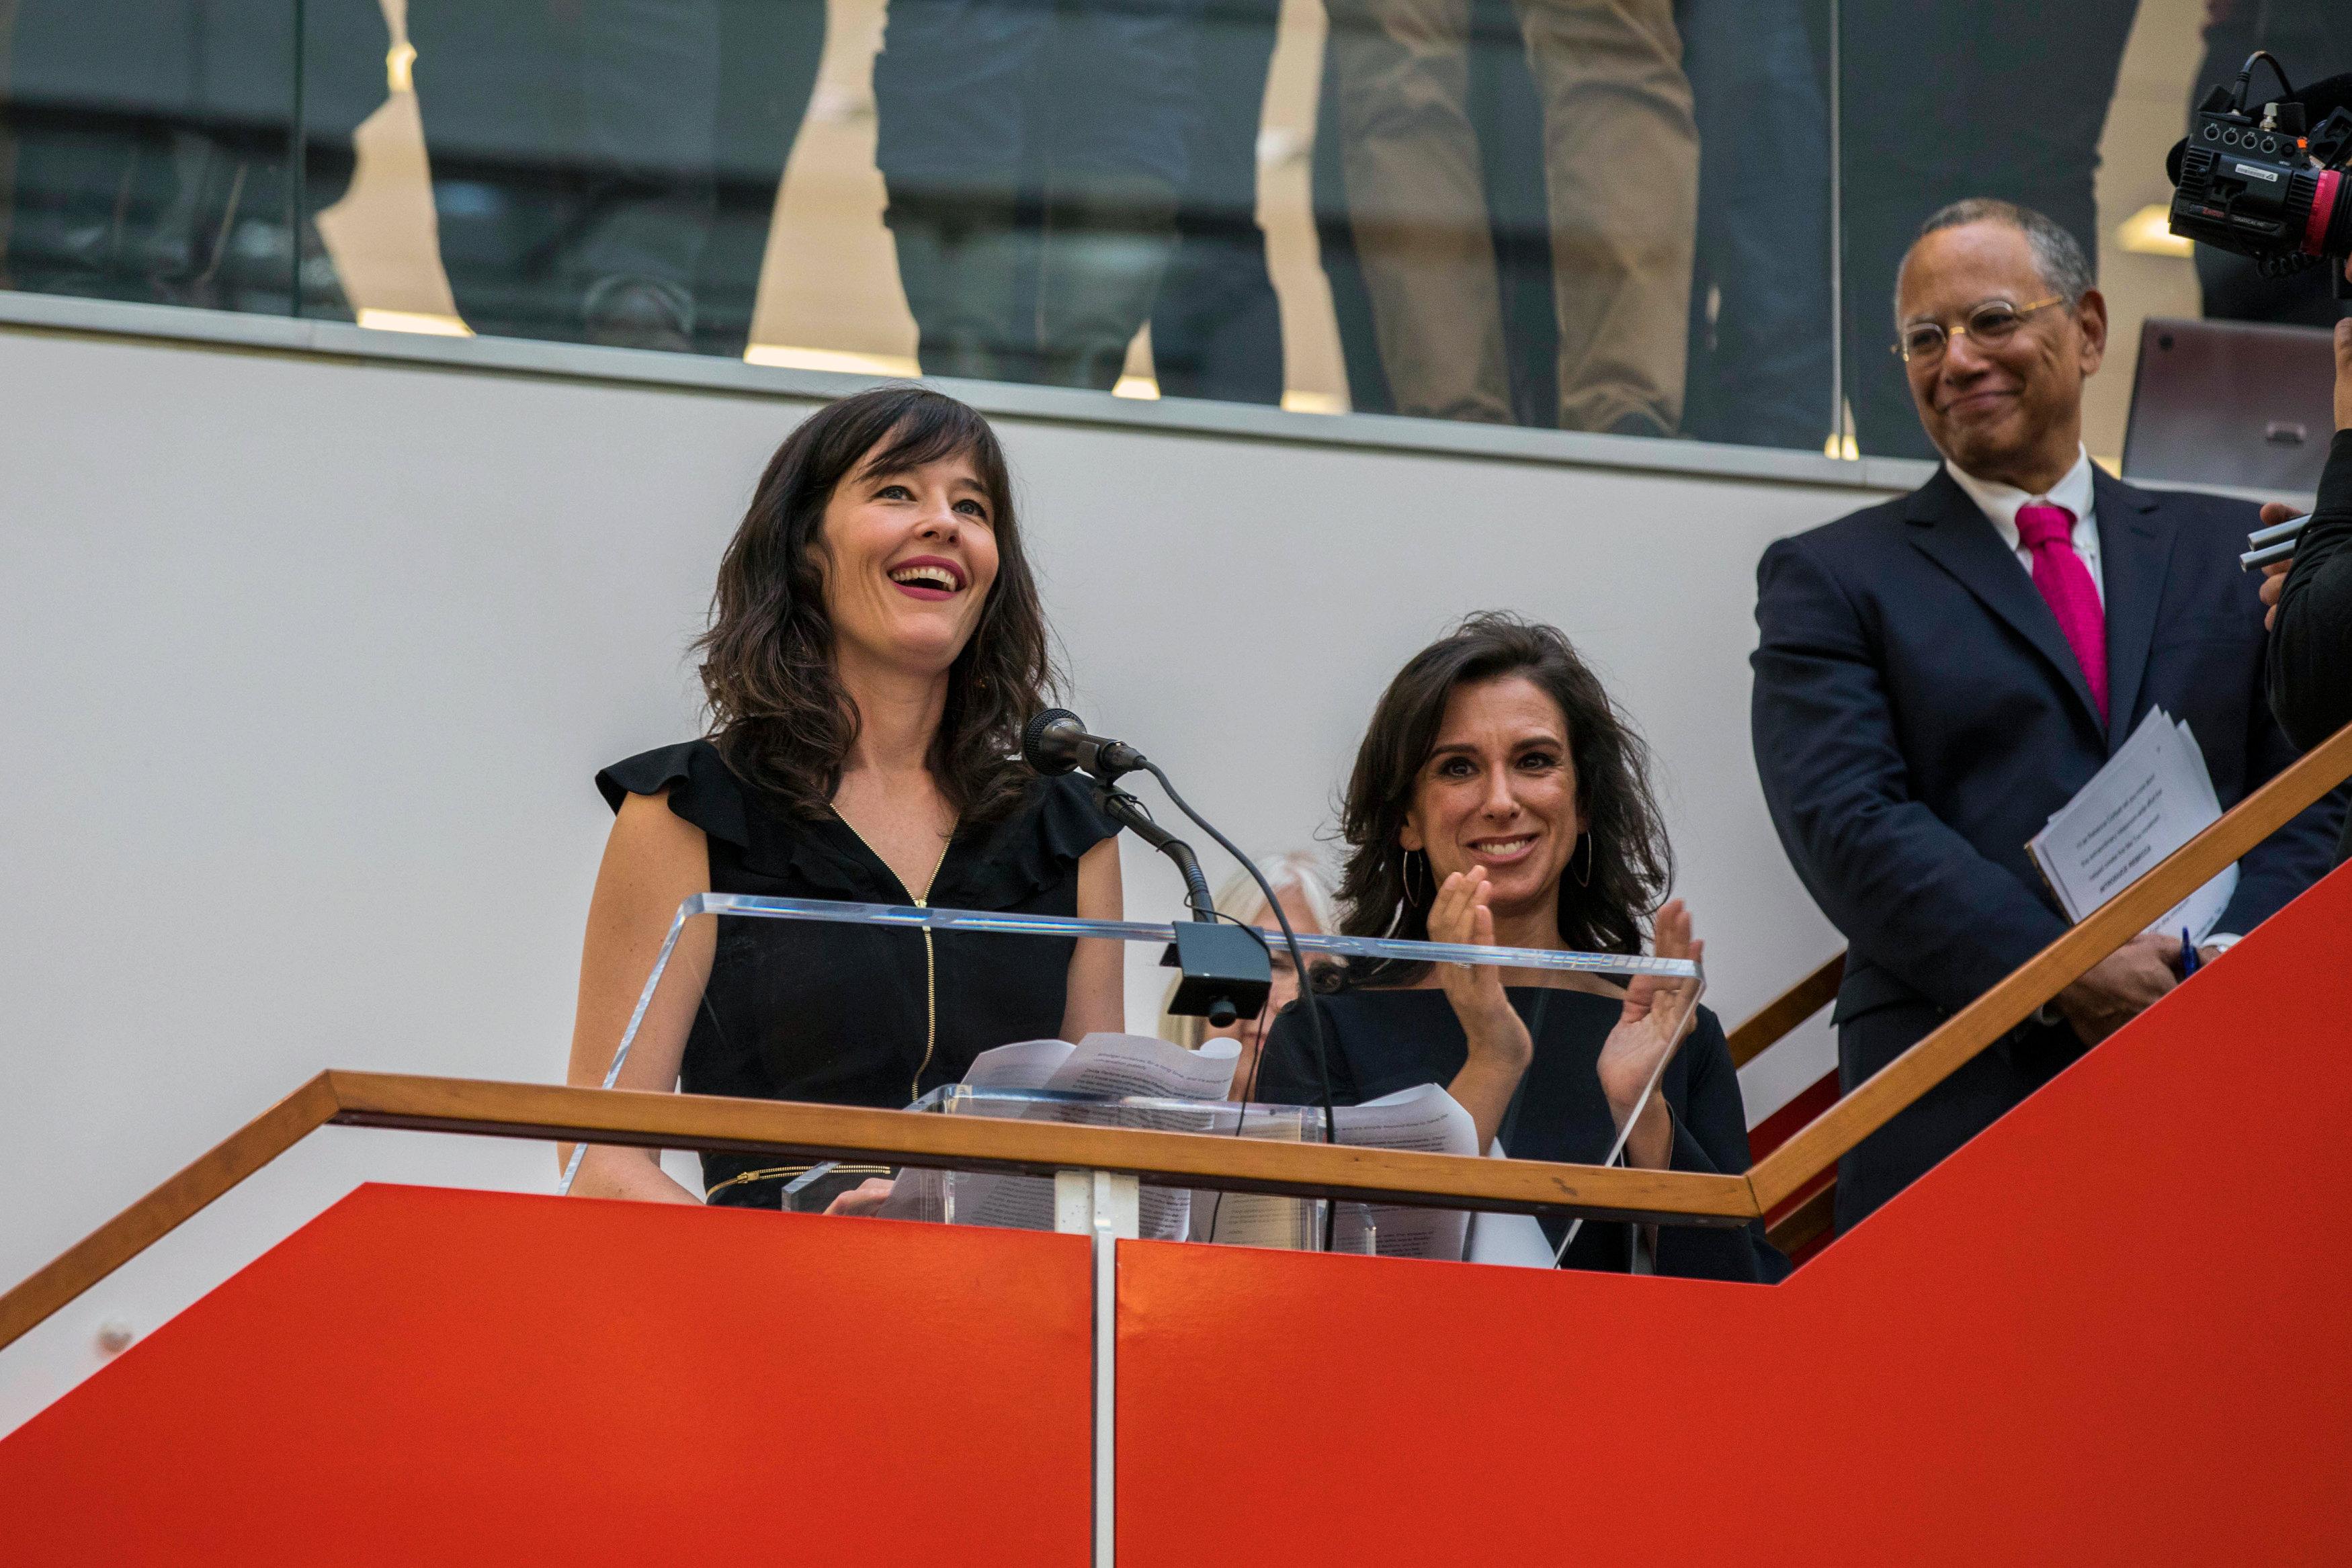 紐約時報 Megan Twohey(左)和Jodi Kantor(中)帶領的團隊,獲普立茲公共服務獎。(路透)